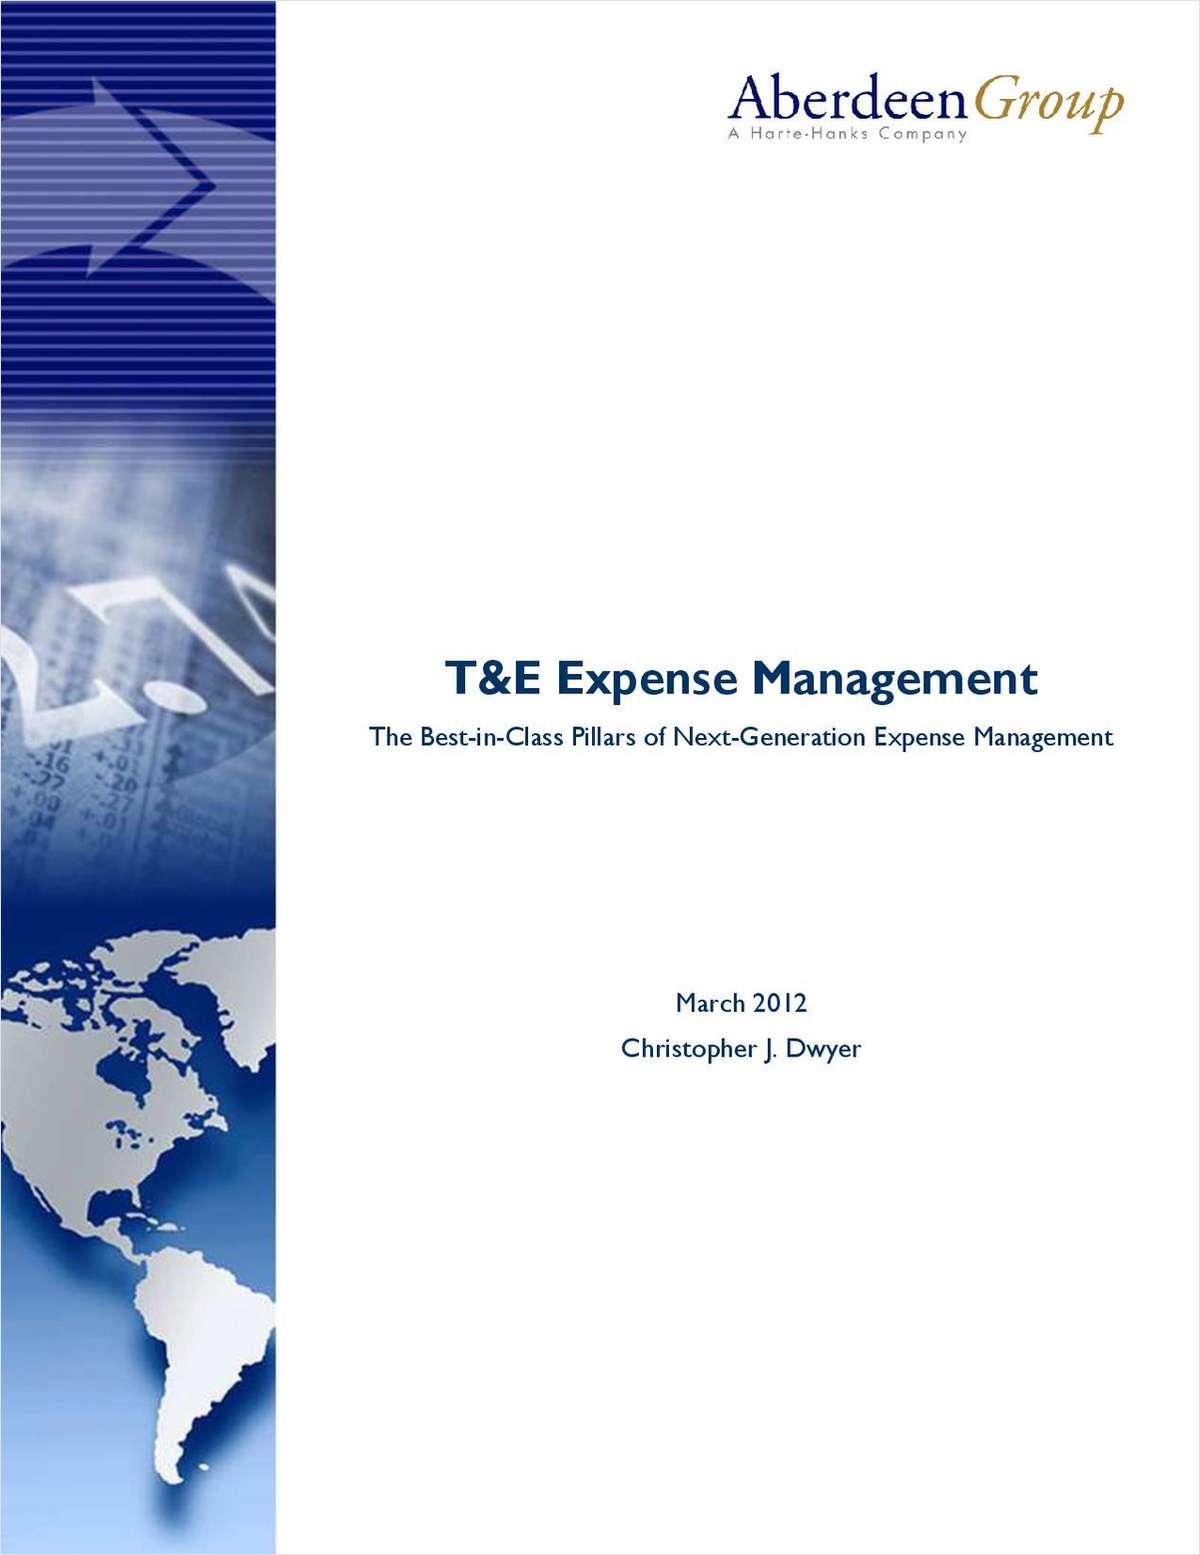 T&E Expense Management